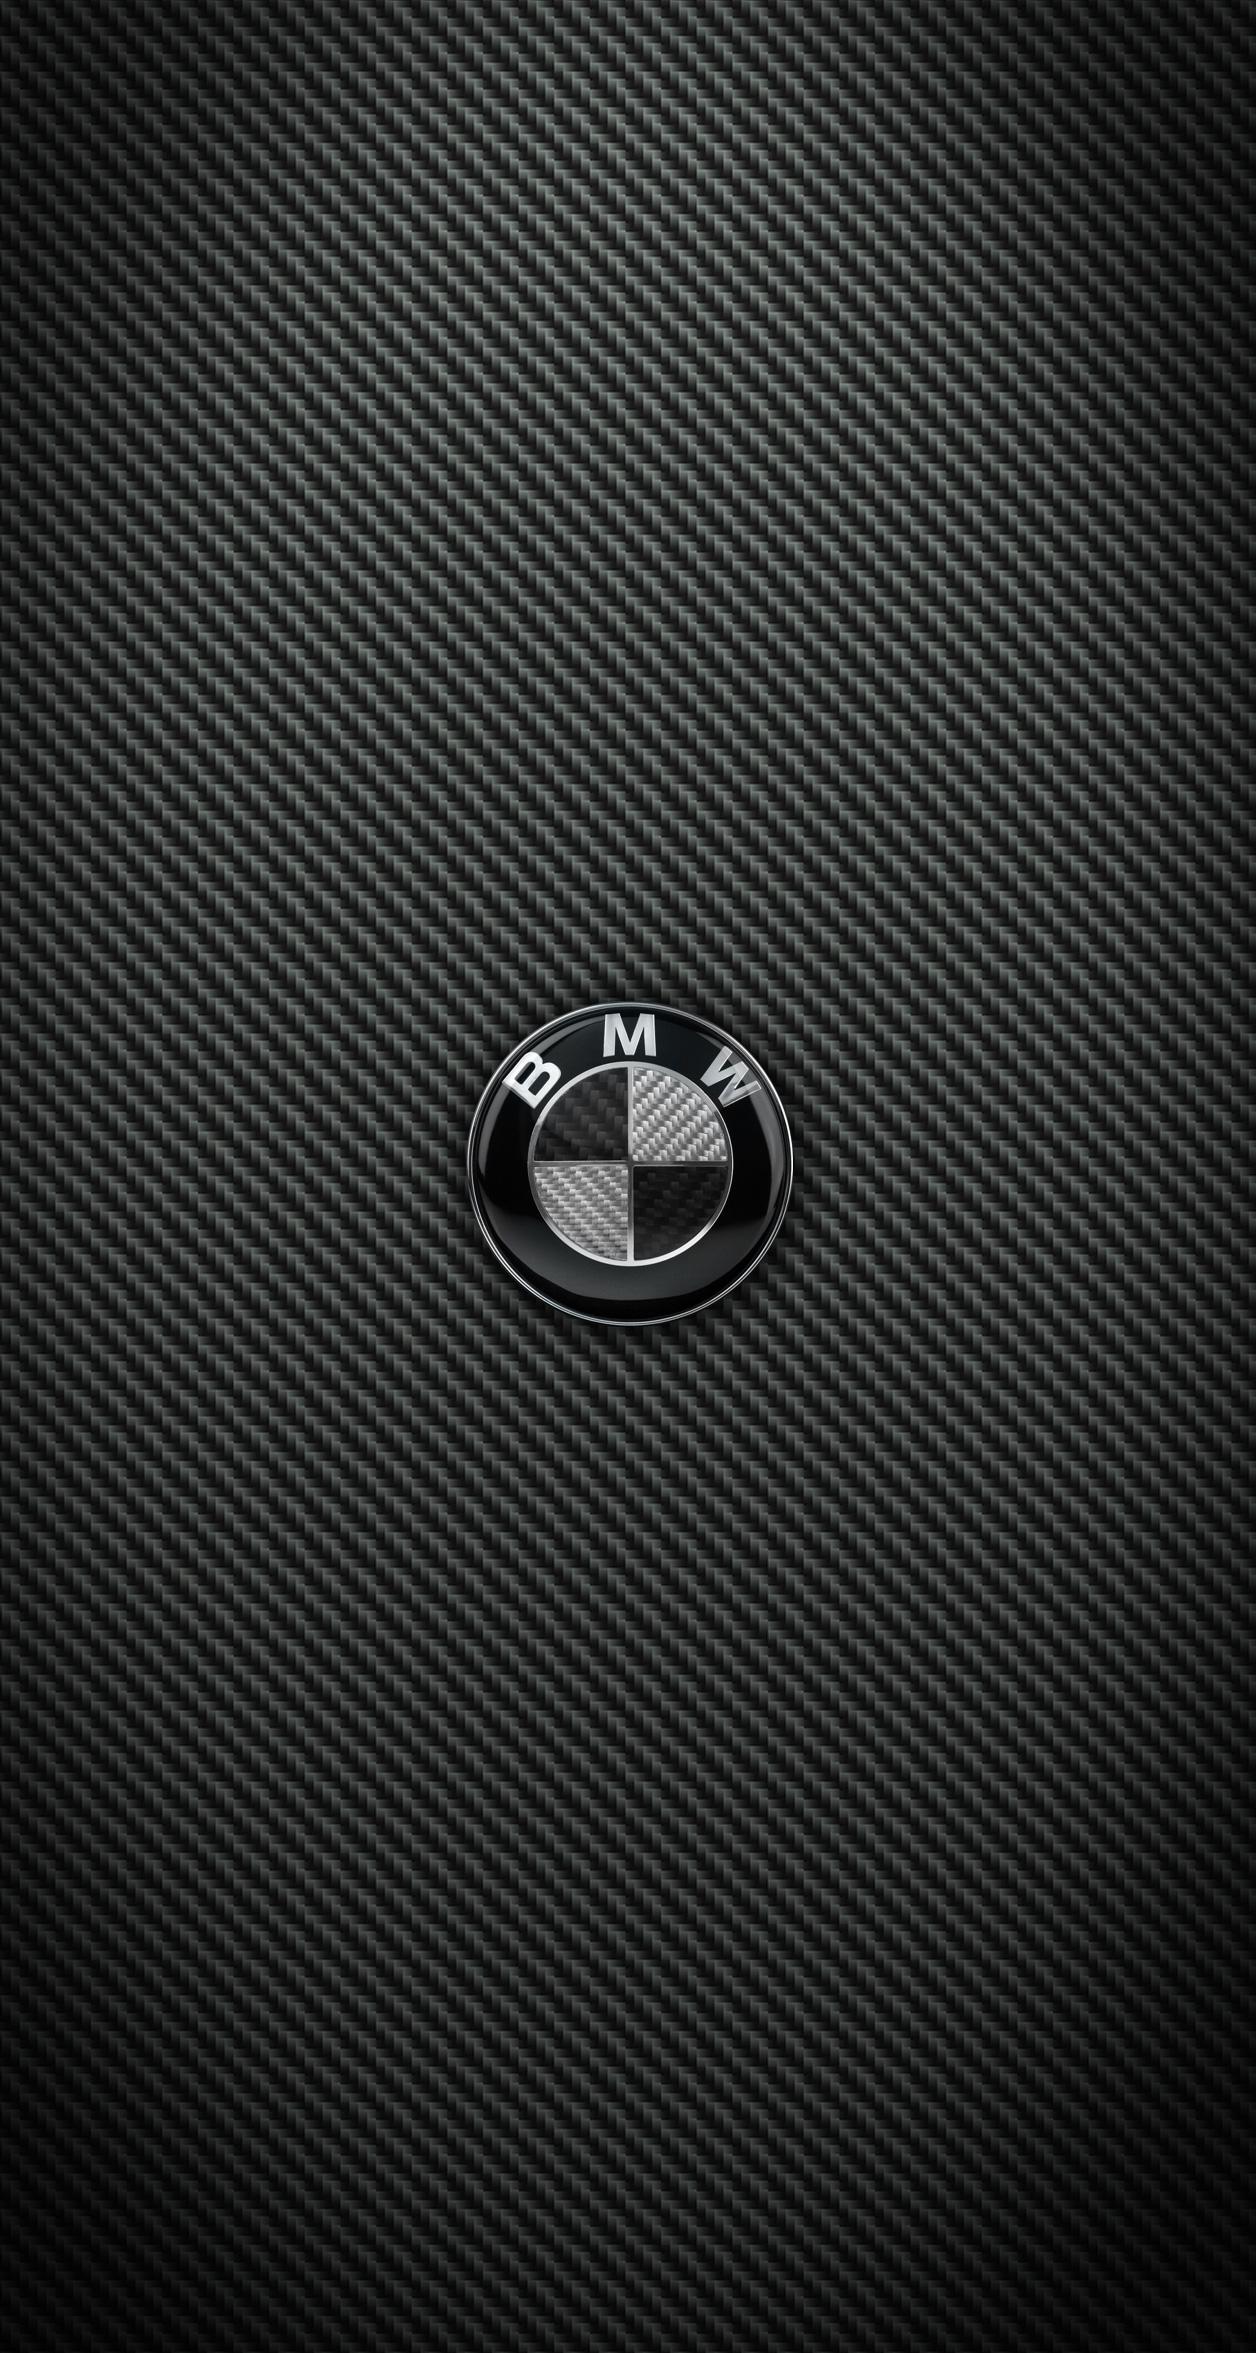 bmw-roundel-iPhone6+.jpg